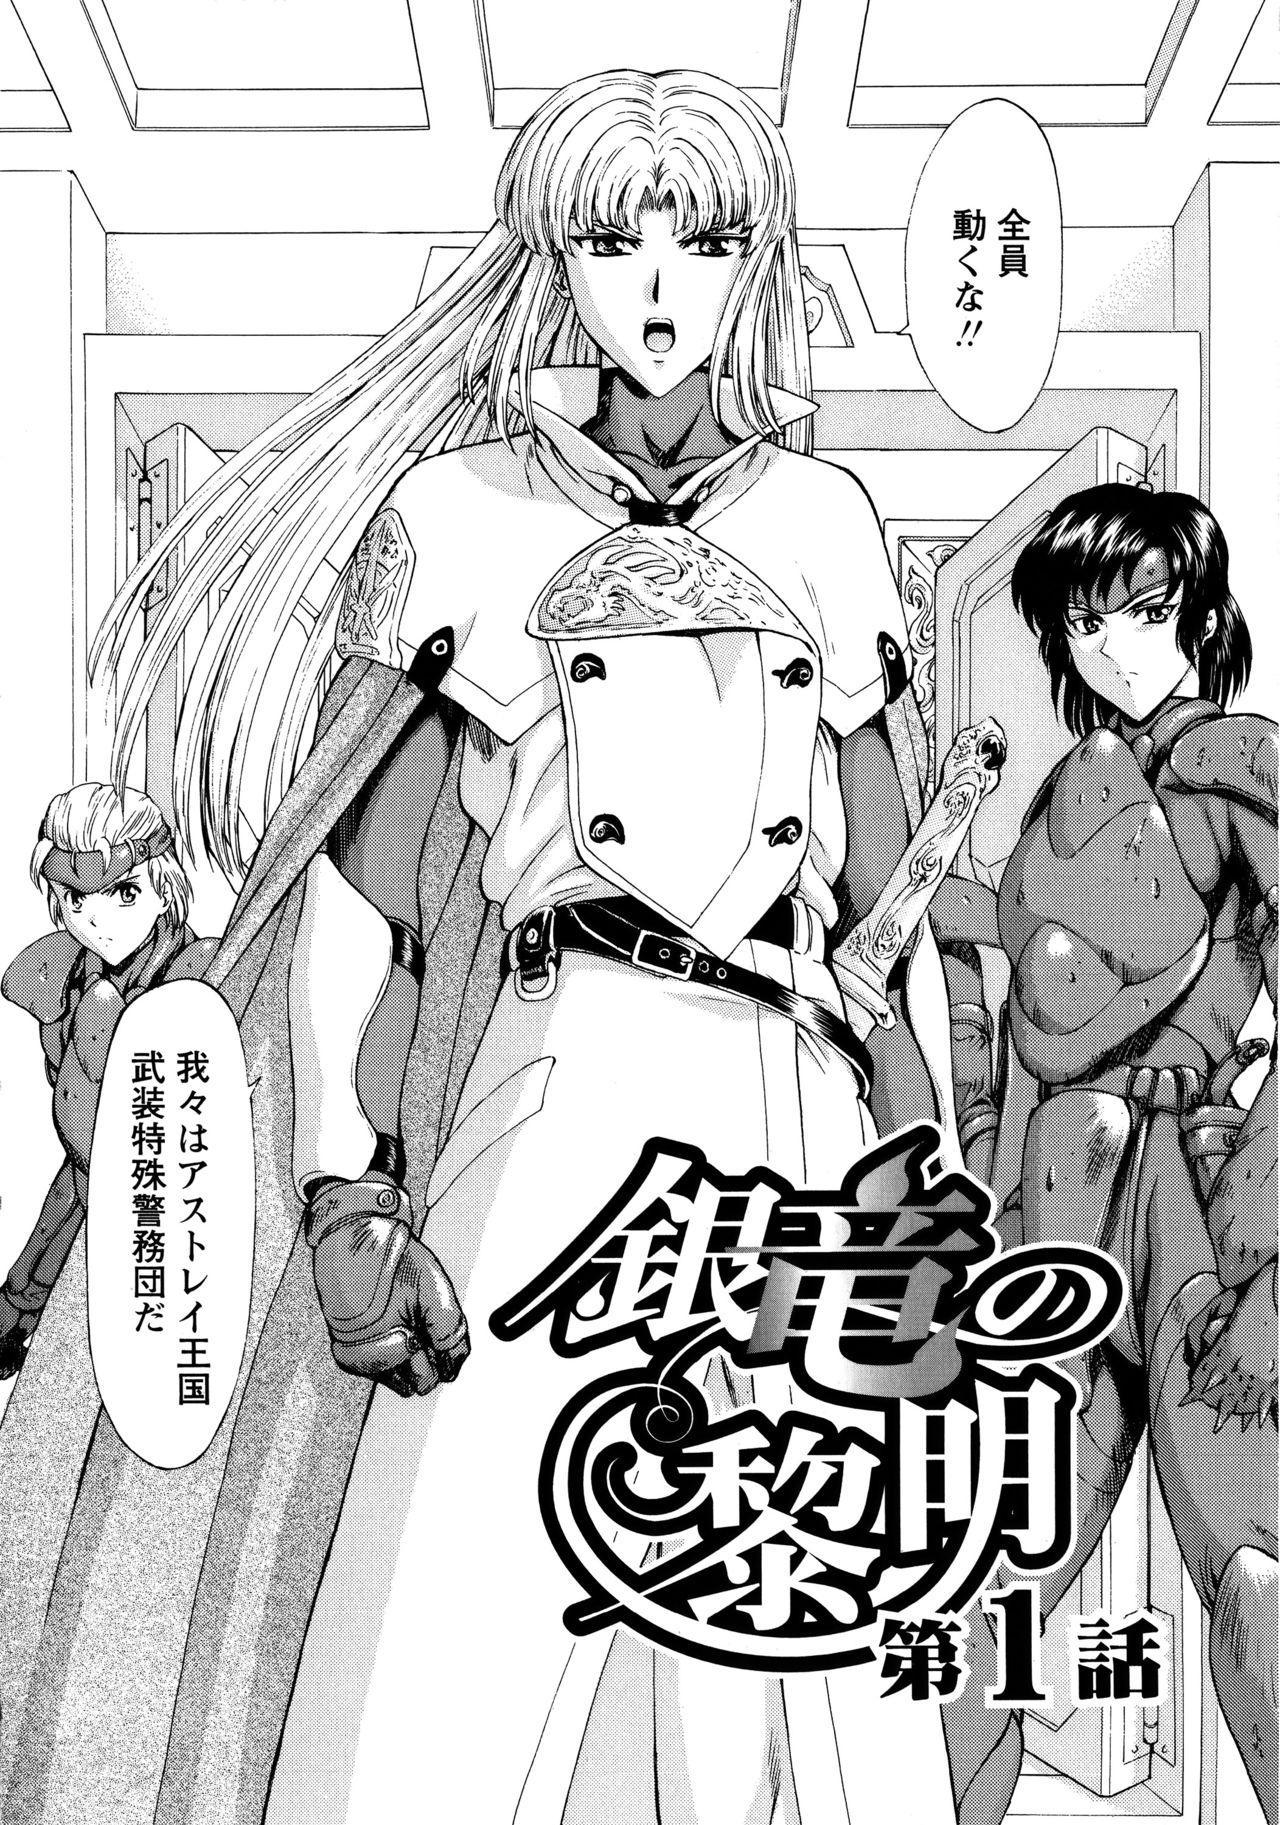 Ginryuu no Reimei Vol. 1 13